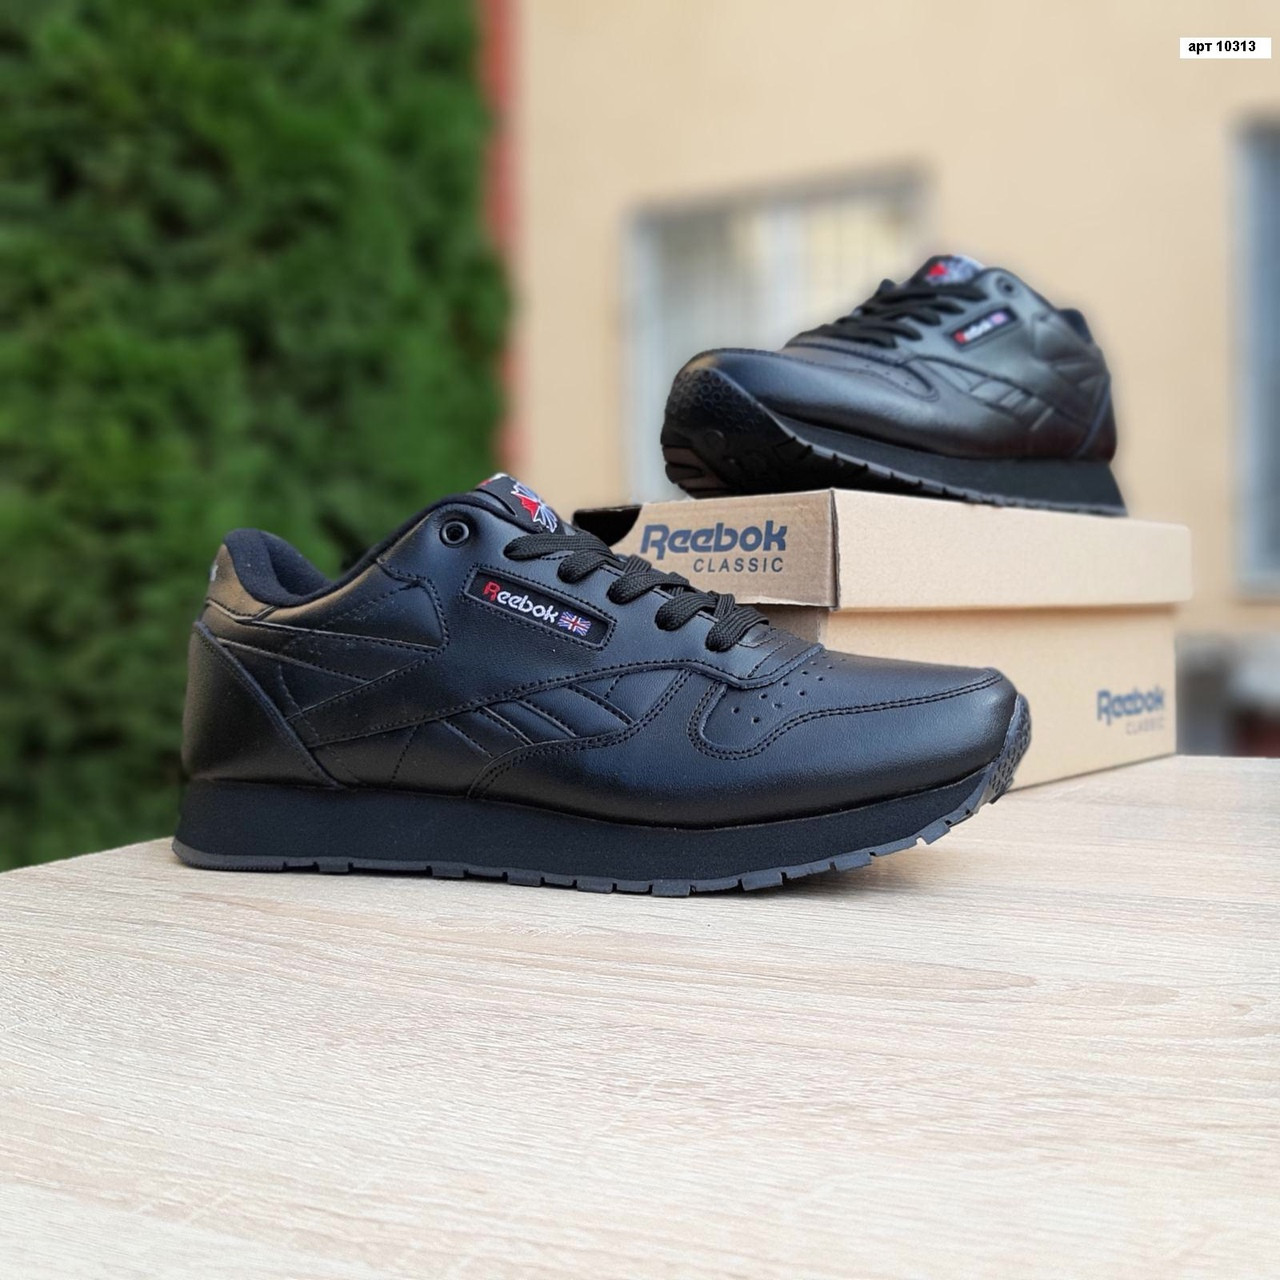 Мужские кроссовки Reebok Classic (черные) 10313